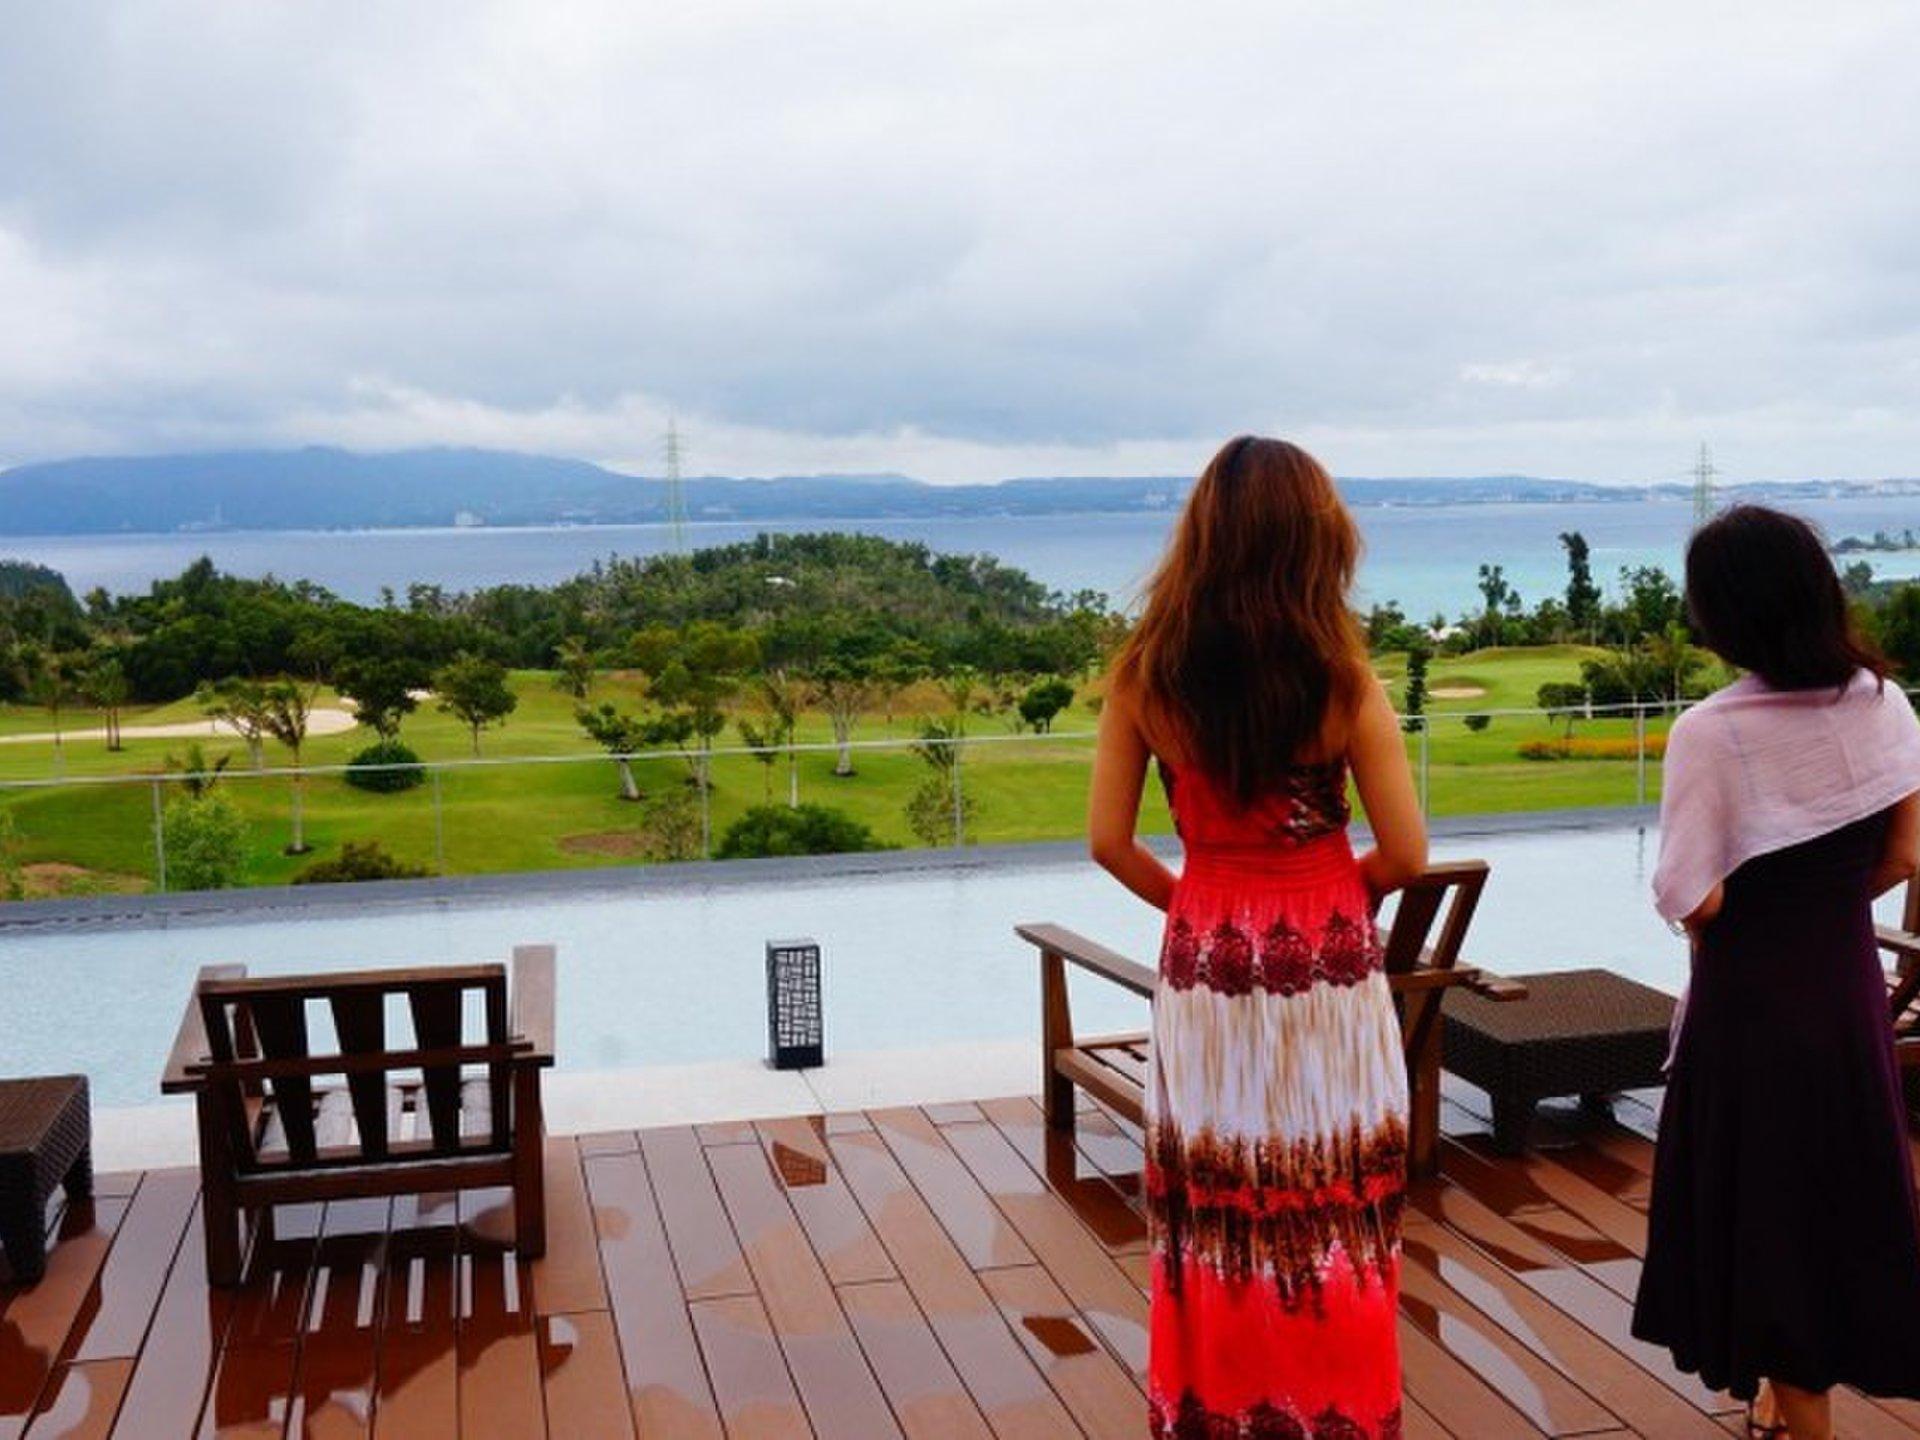 沖縄でラグジュアリーな母娘旅!  お洒落なザ・リッツ・カールトン沖縄で癒しのホテルライフ。